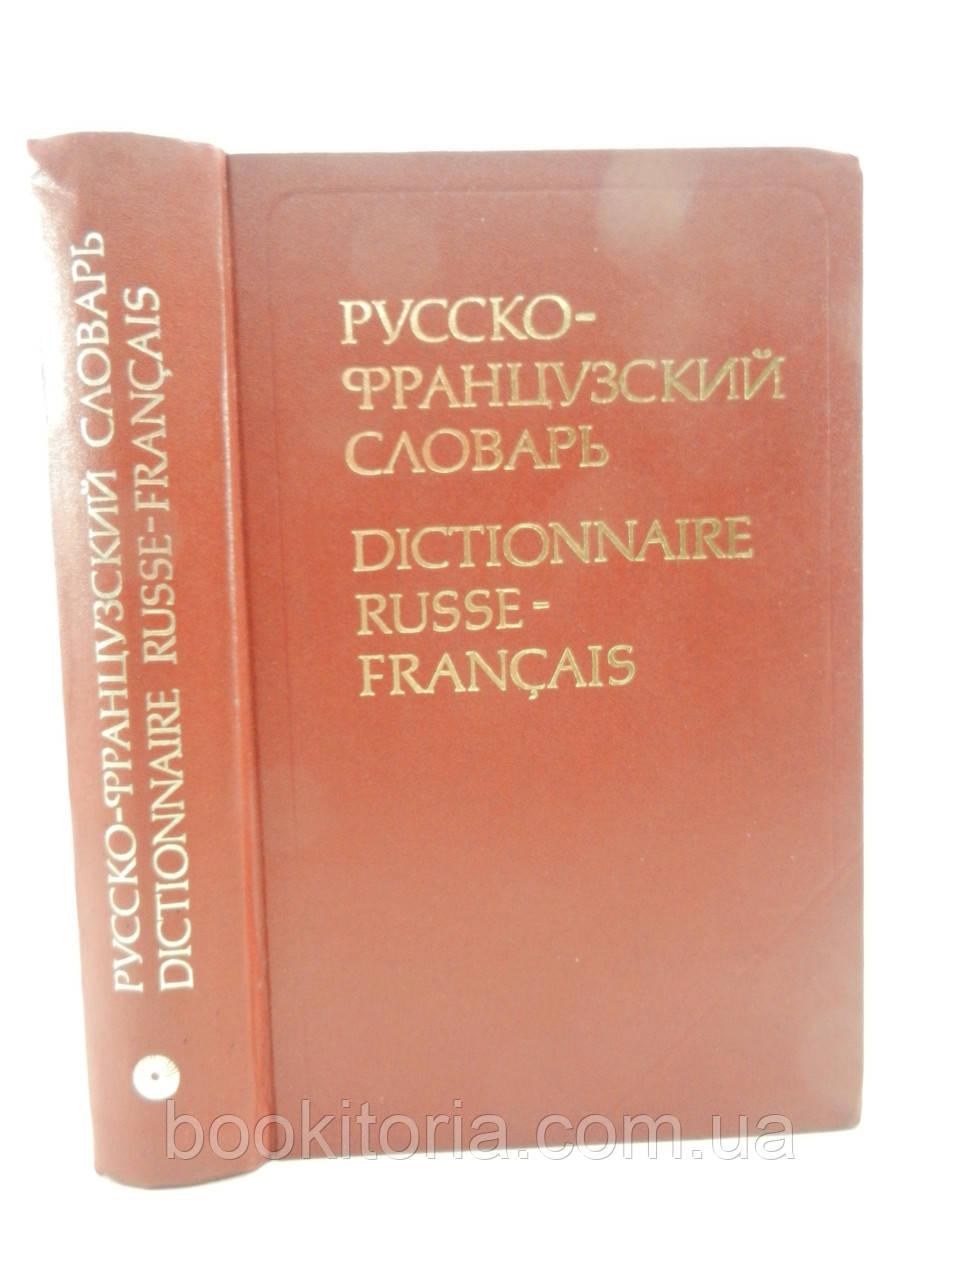 Щерба Л., Матусевич М. Русско-французский словарь (б/у).